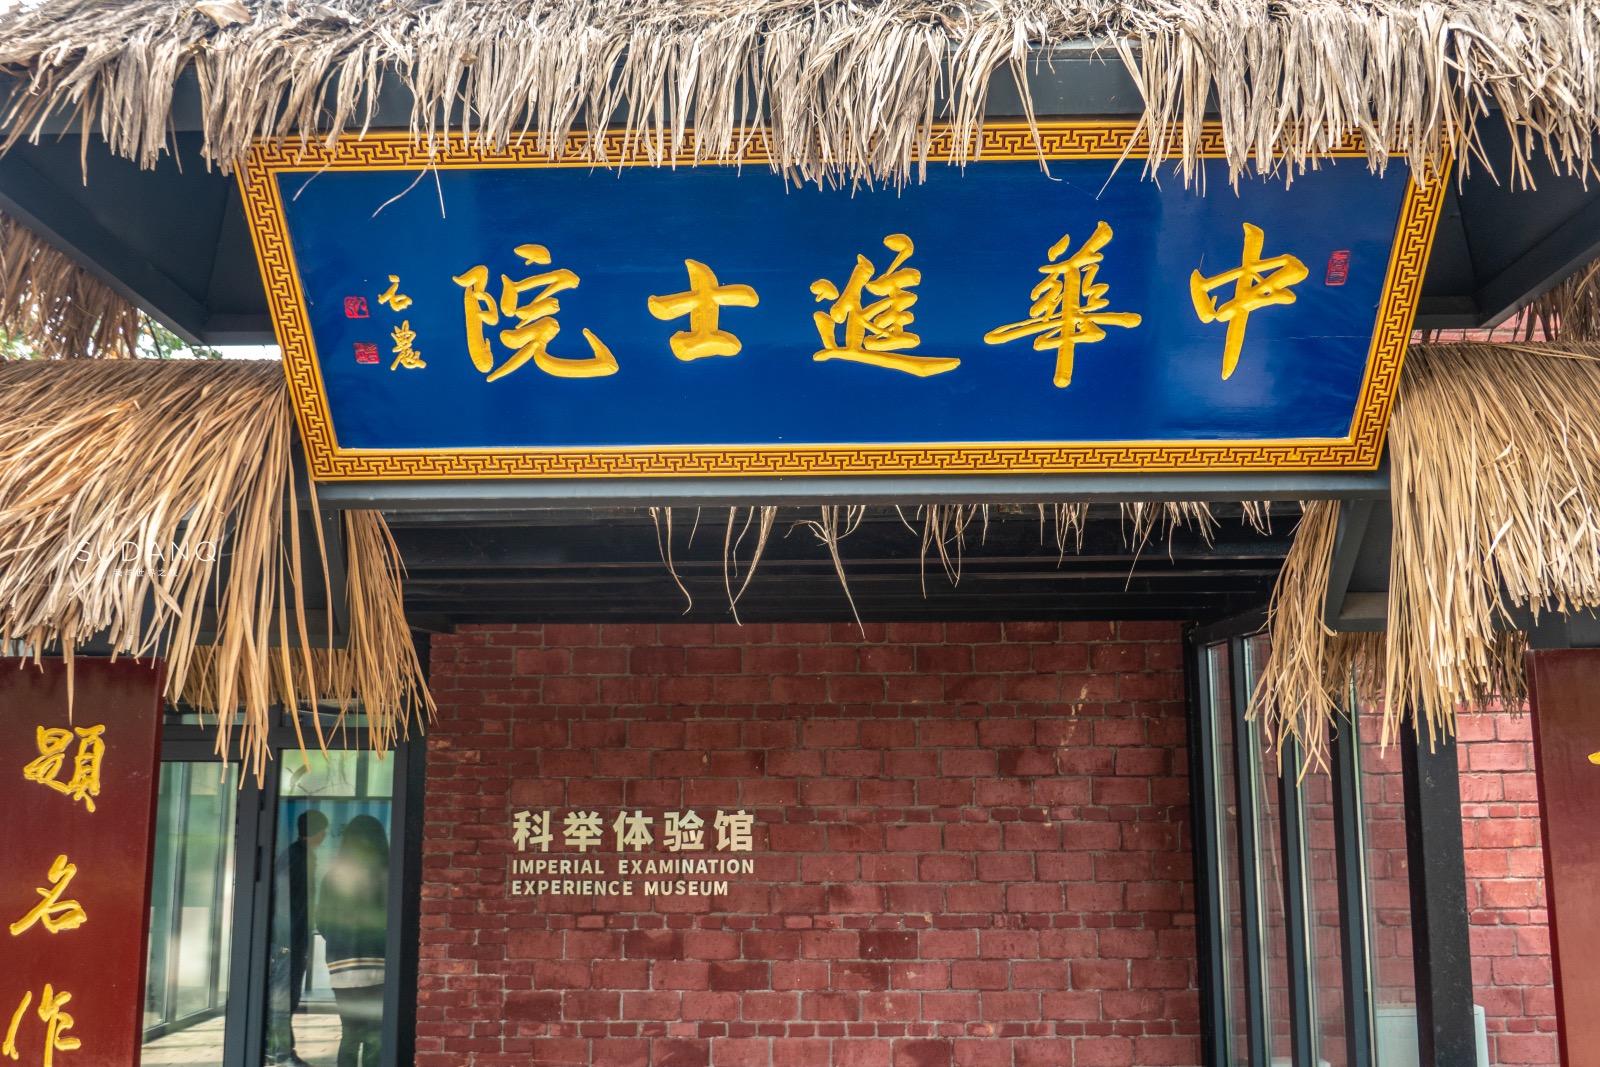 探秘千年王上村:陕西杨凌区有座隋朝大墓,千百年未曾被盗